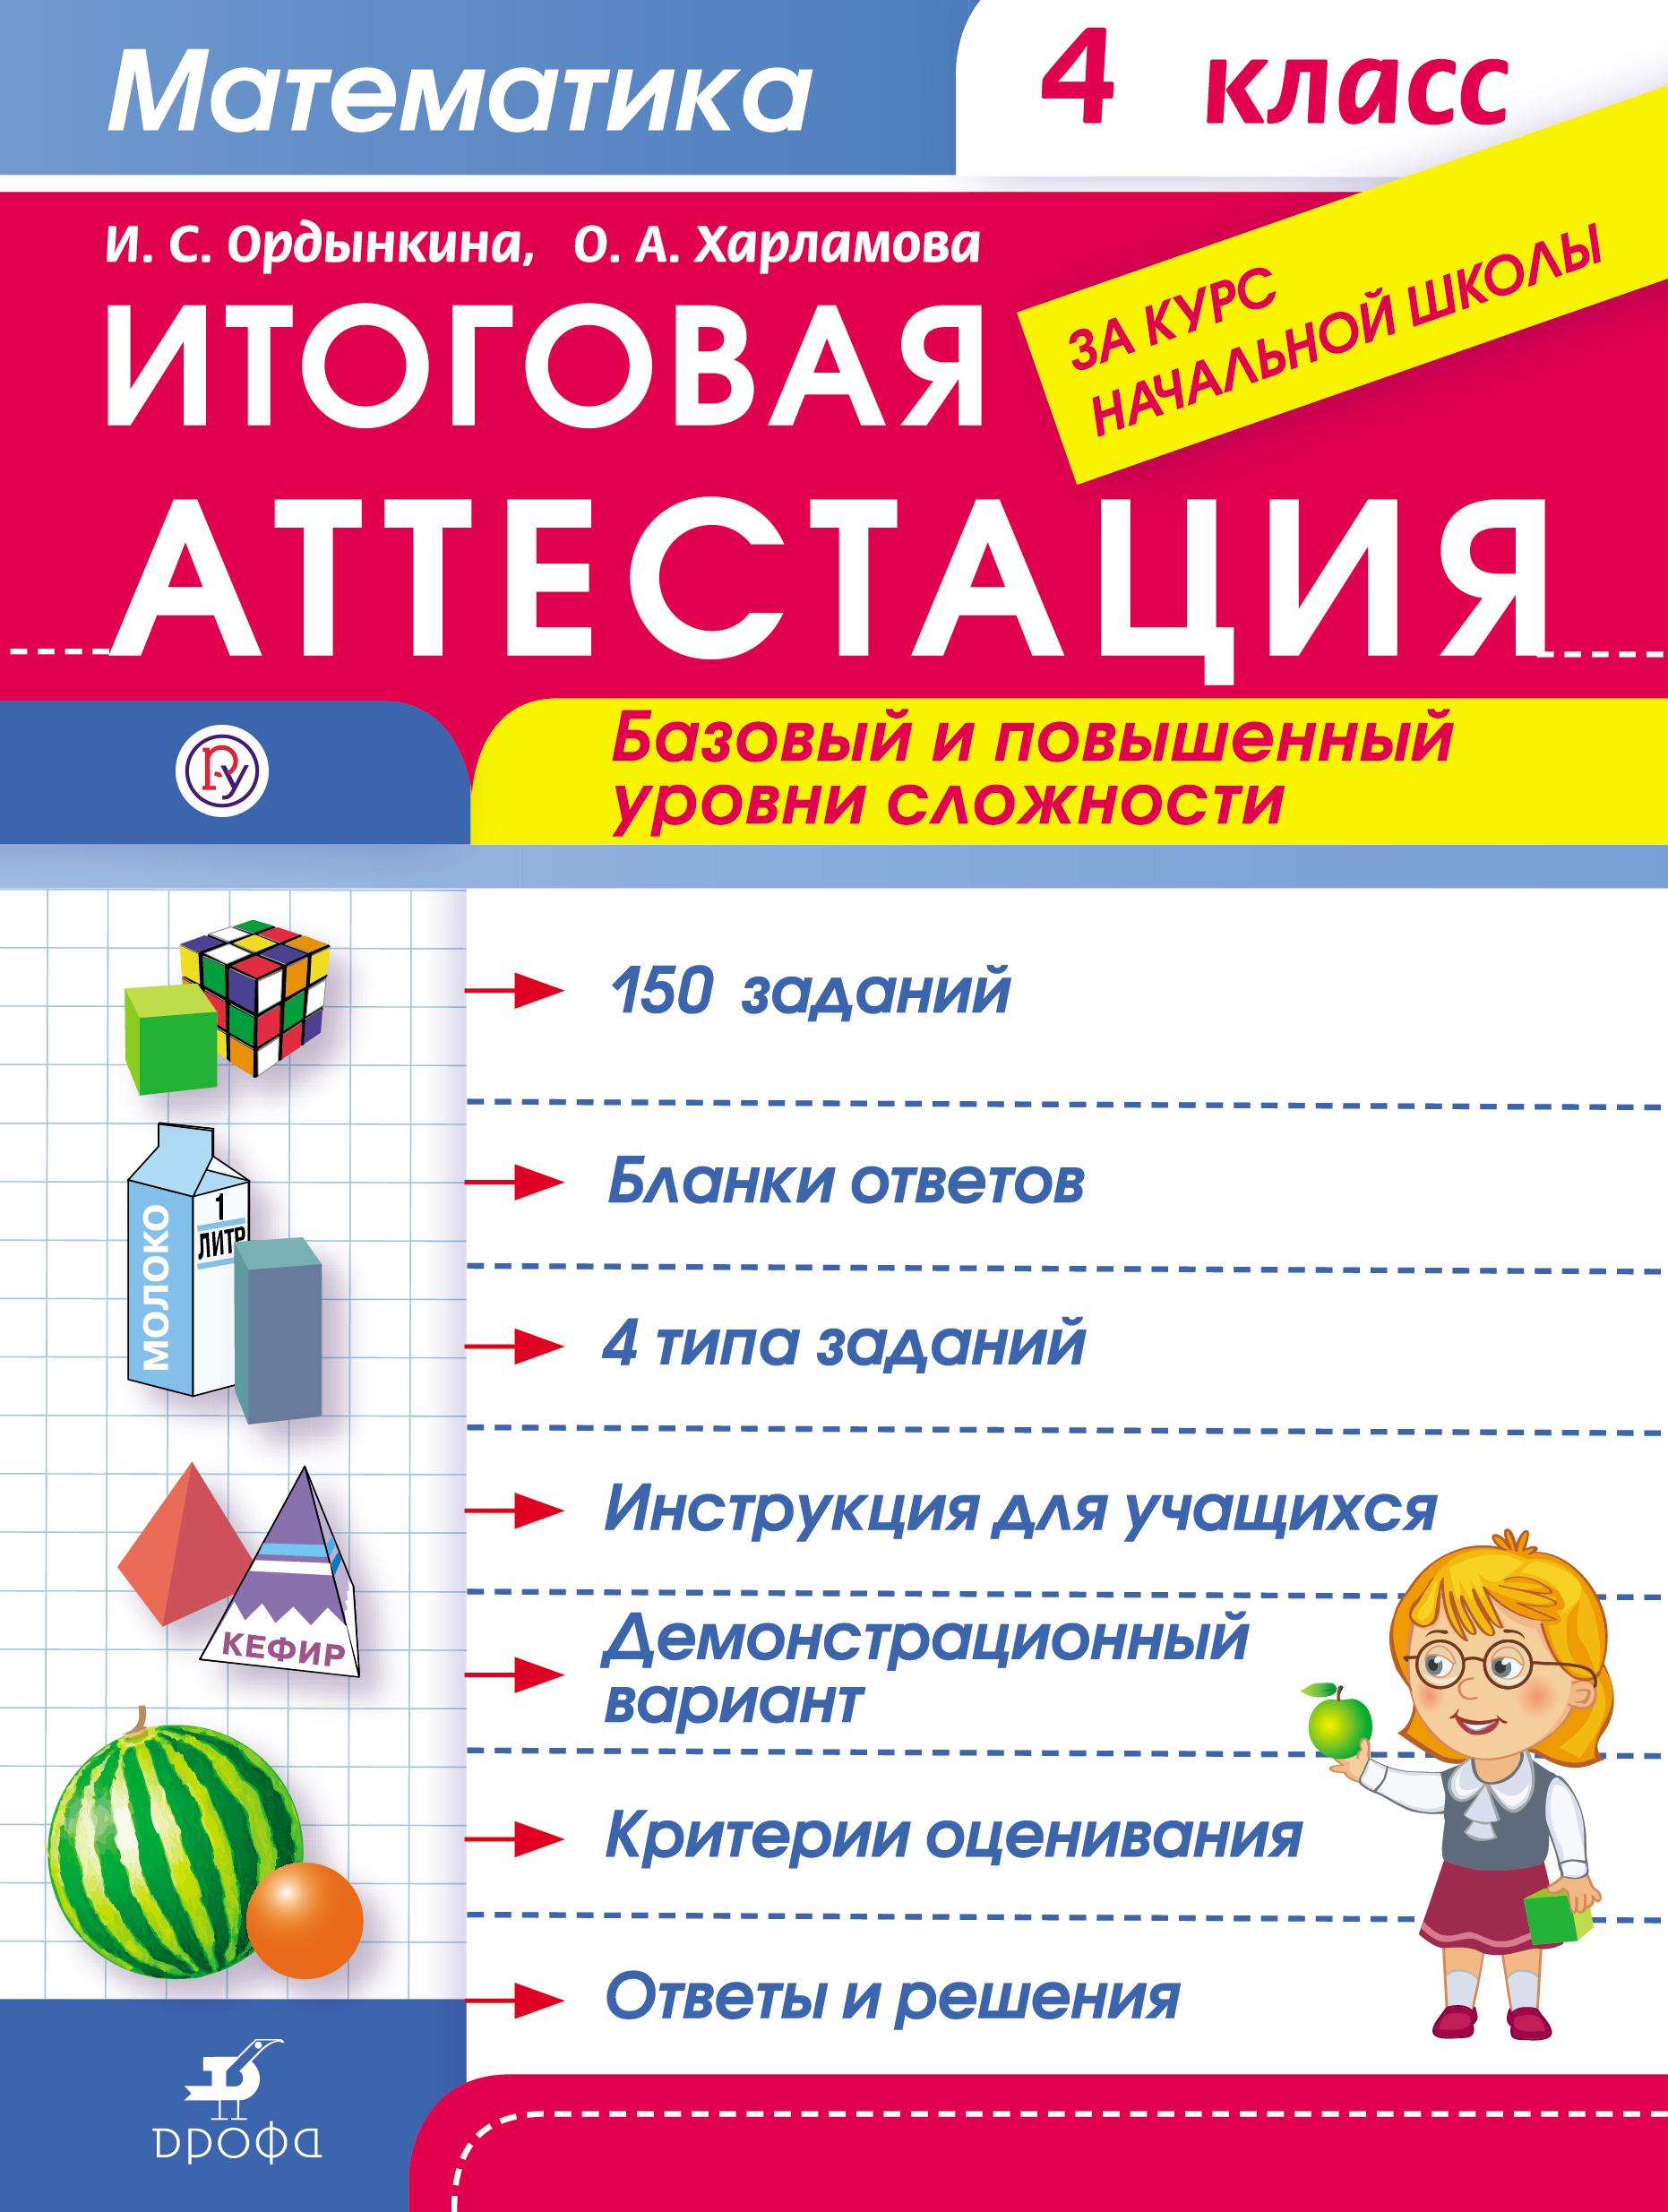 Ордынкина И.С., Харламова О.А. Математика. 4 класс. Итоговая аттестация. Базовый и повышенный уровни сложности.